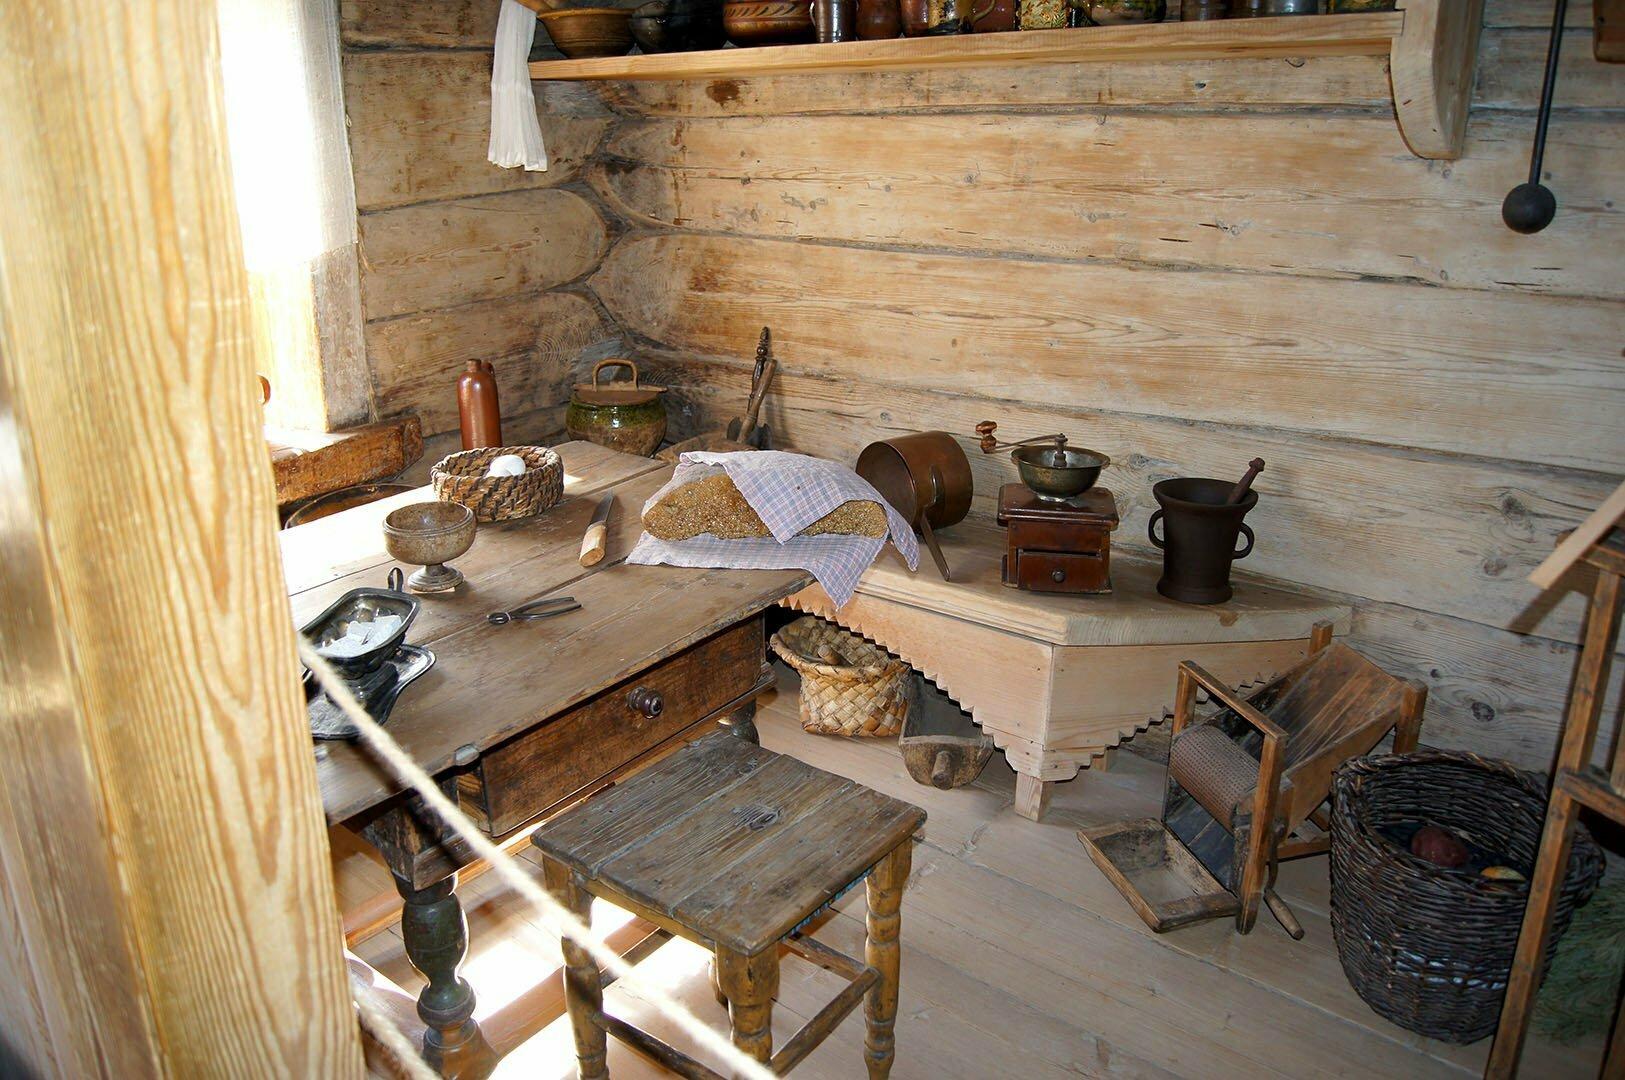 Кухонная утварь в избе Екимовой. Музей деревянного зодчества в В. Новгороде